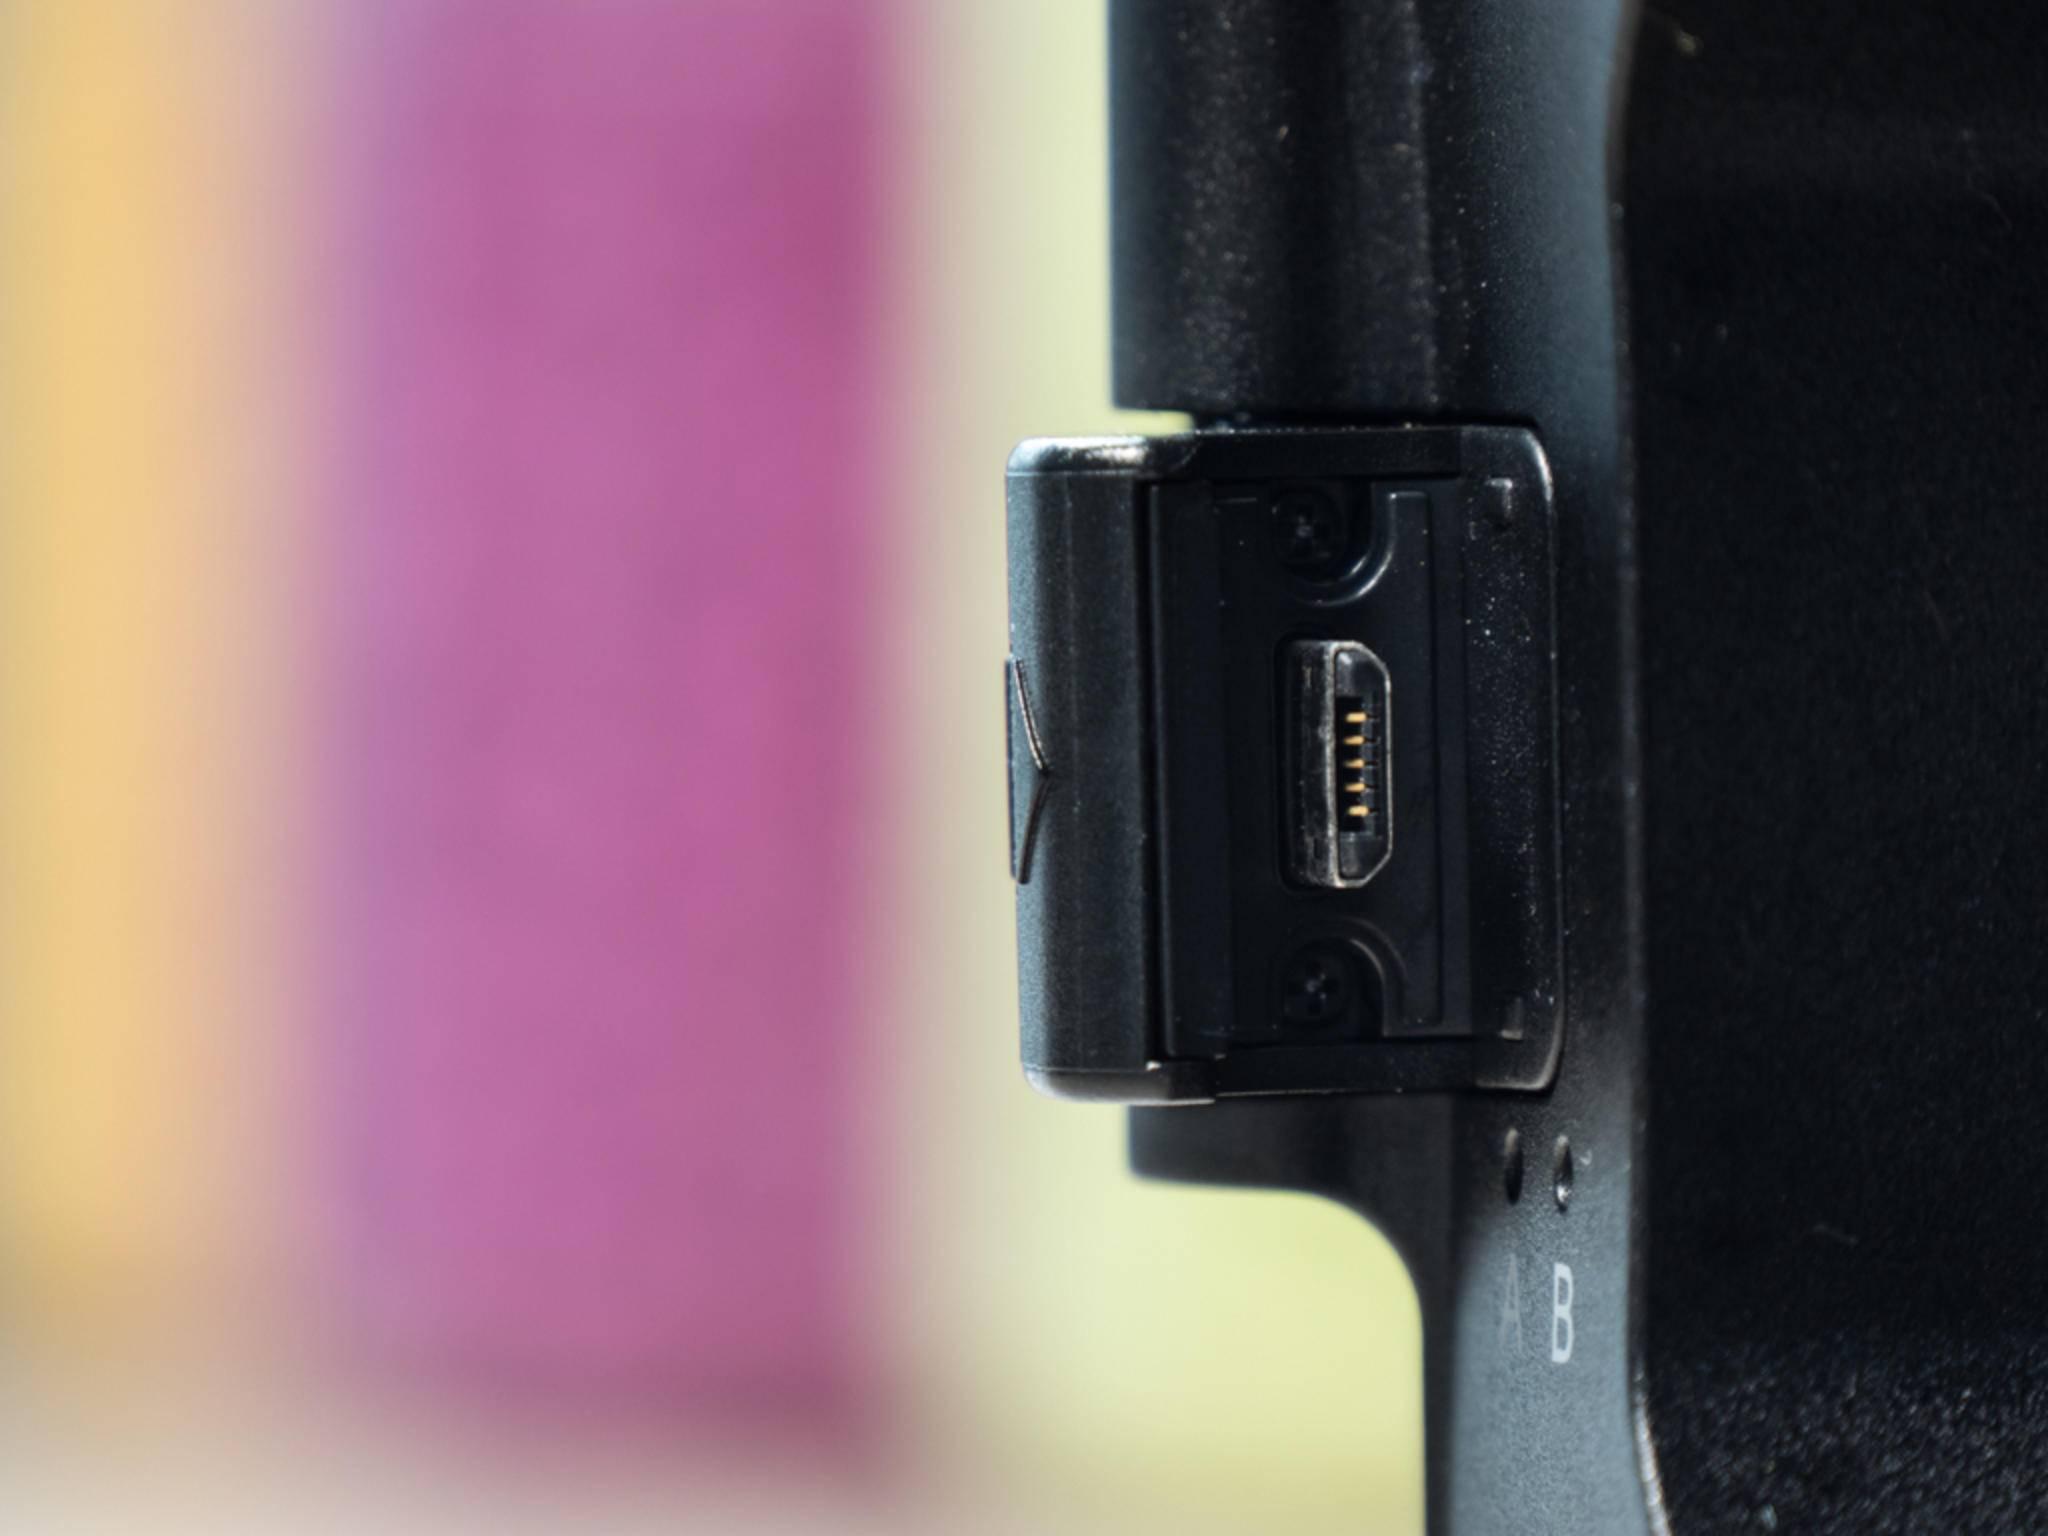 Das Smartphone wird an diesem USB-Eingang in die Gear VR eingesteckt.